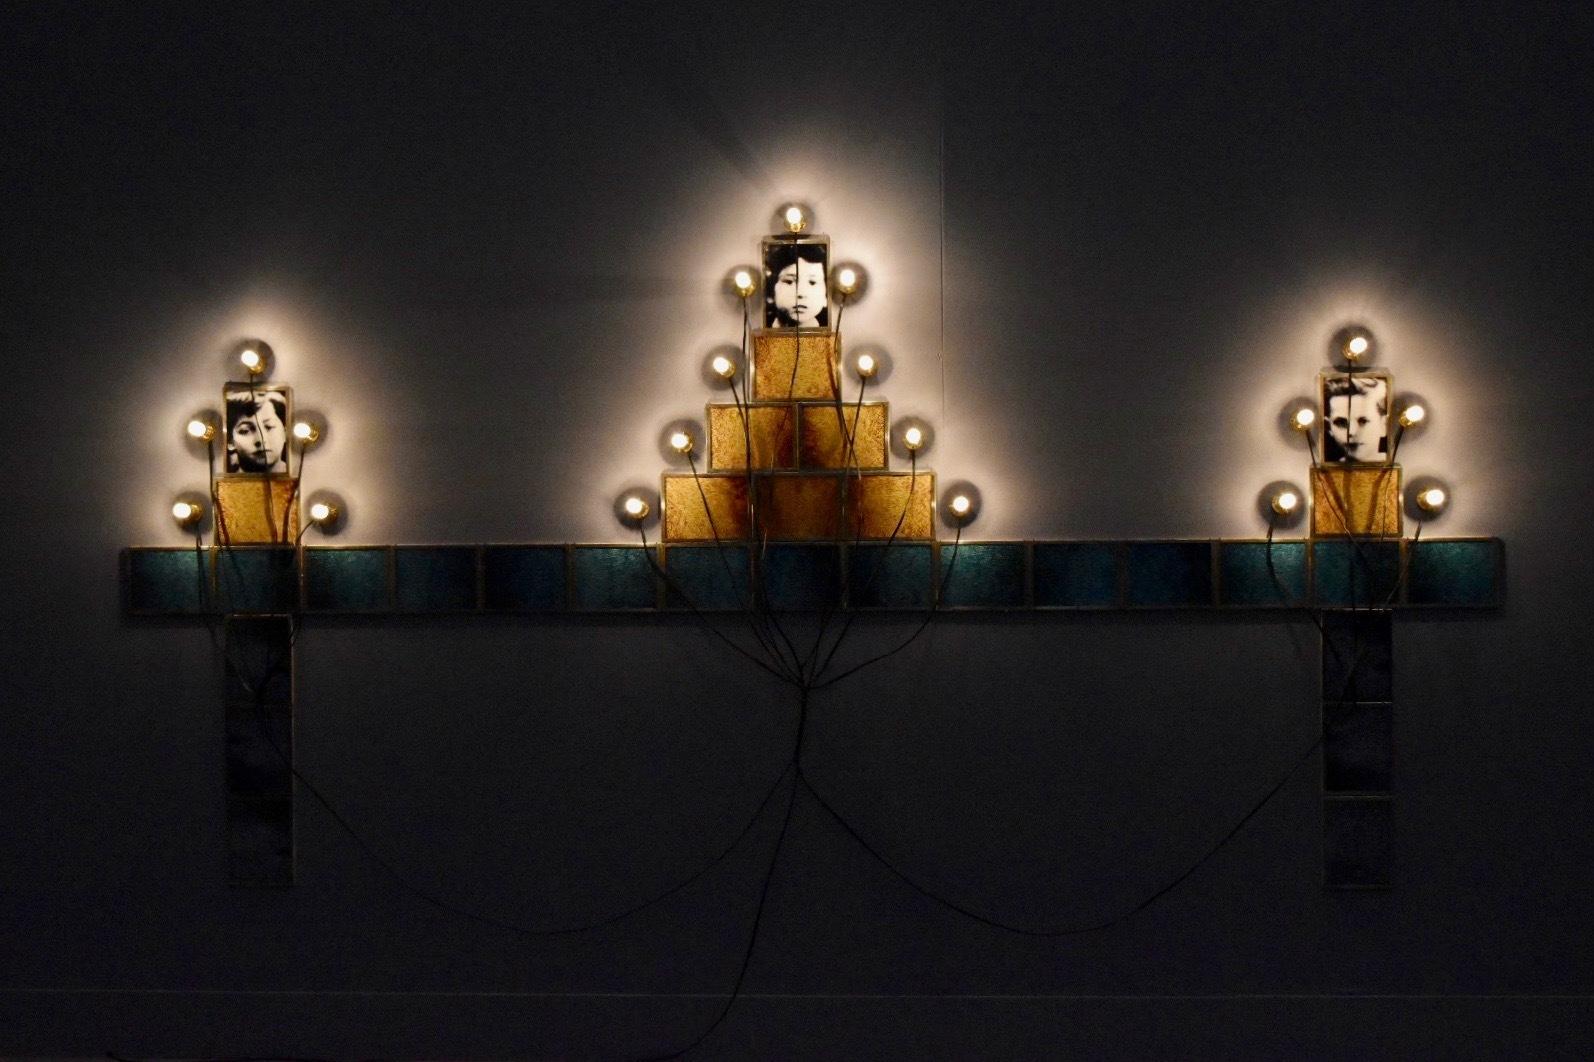 《モニュメント》 1986年 「クリスチャン・ボルタンスキー −Lifetime」展 2019年 国立新美術館展示風景